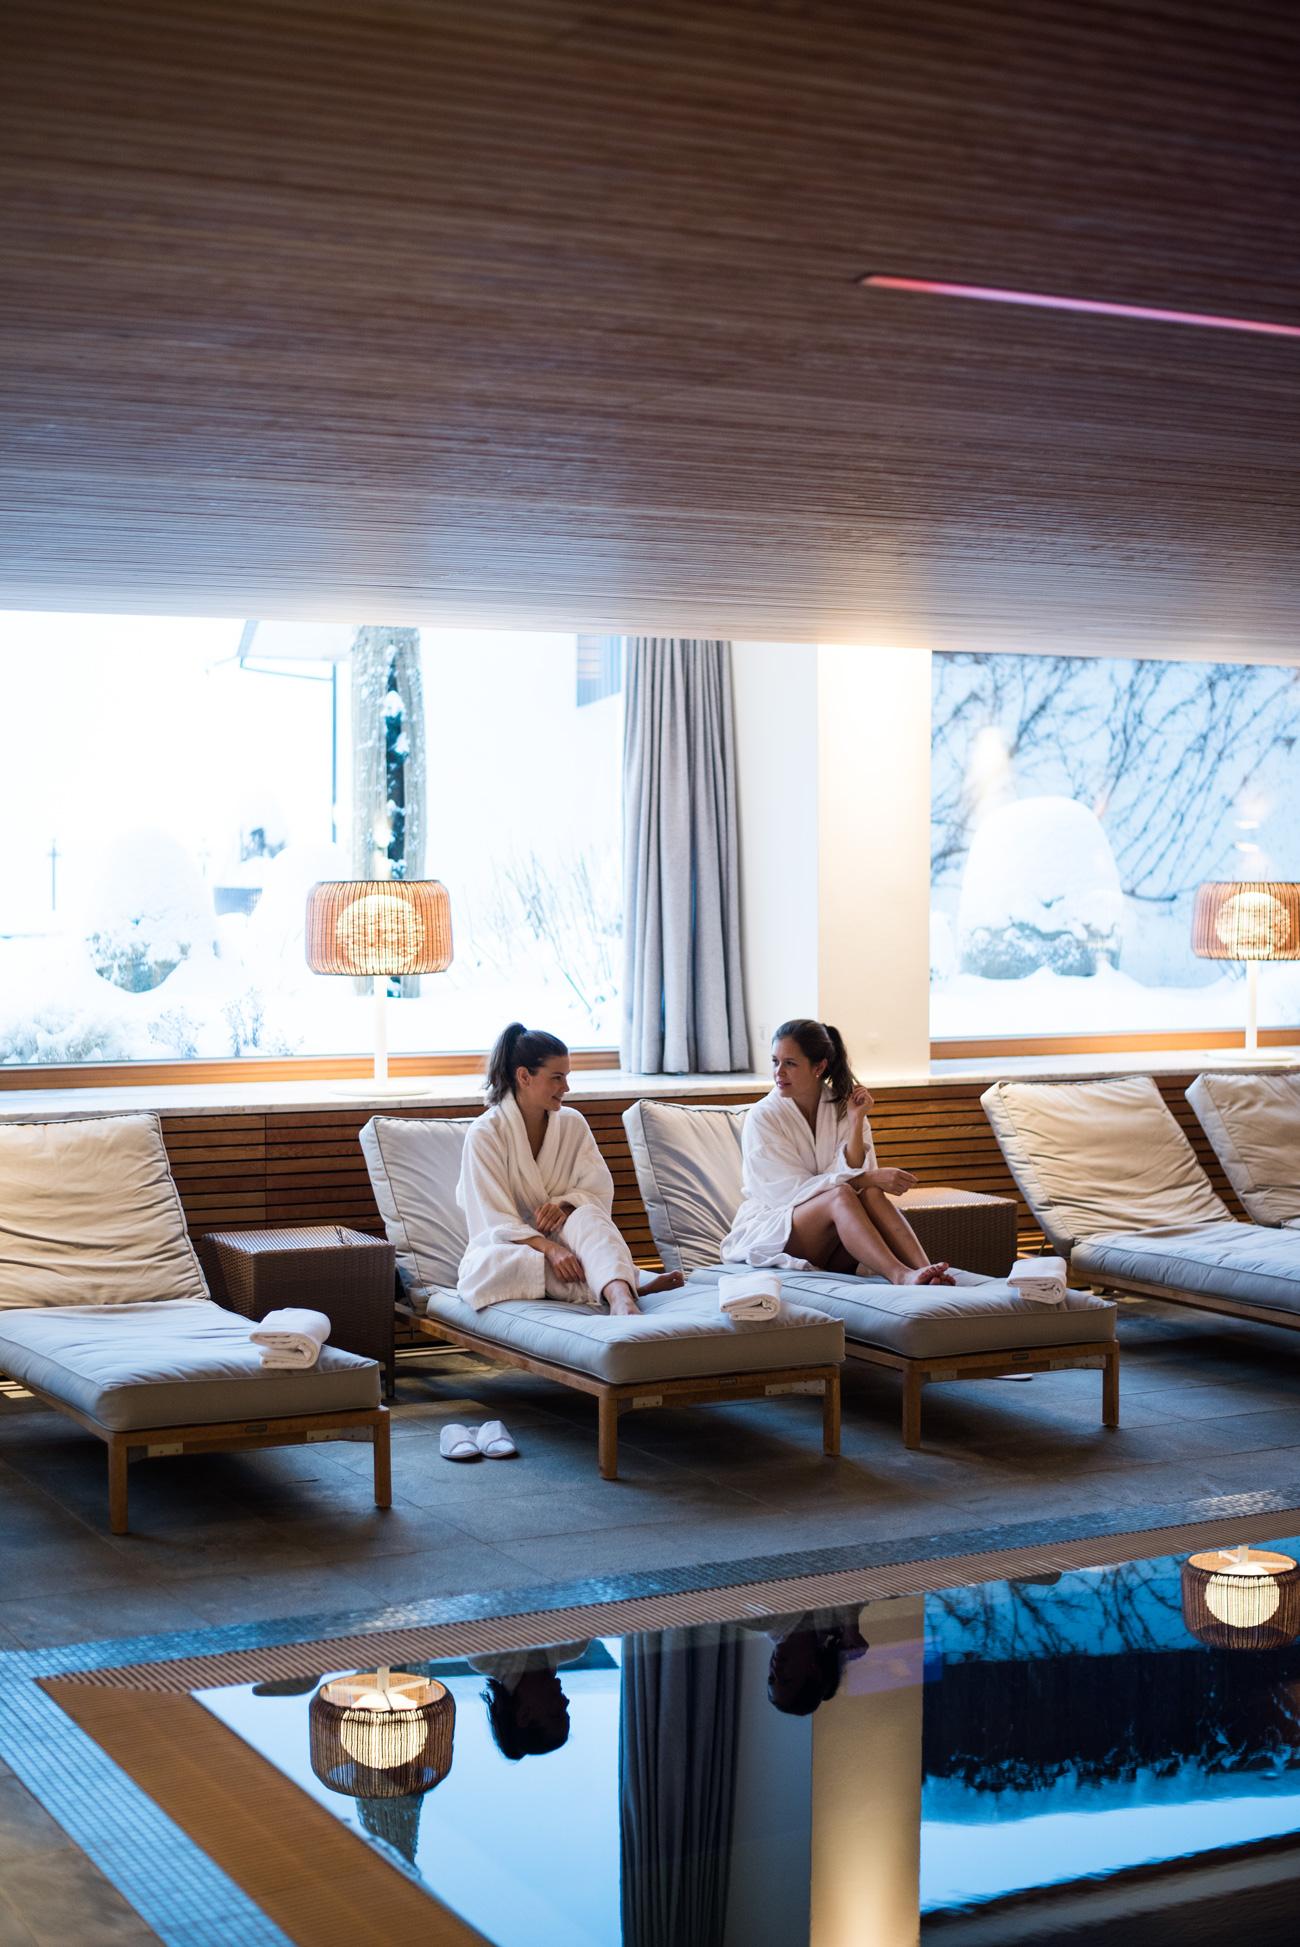 wellness-und-spa-hotel-im-allgäu-sonne-sport-hotel-fashiioncarpet